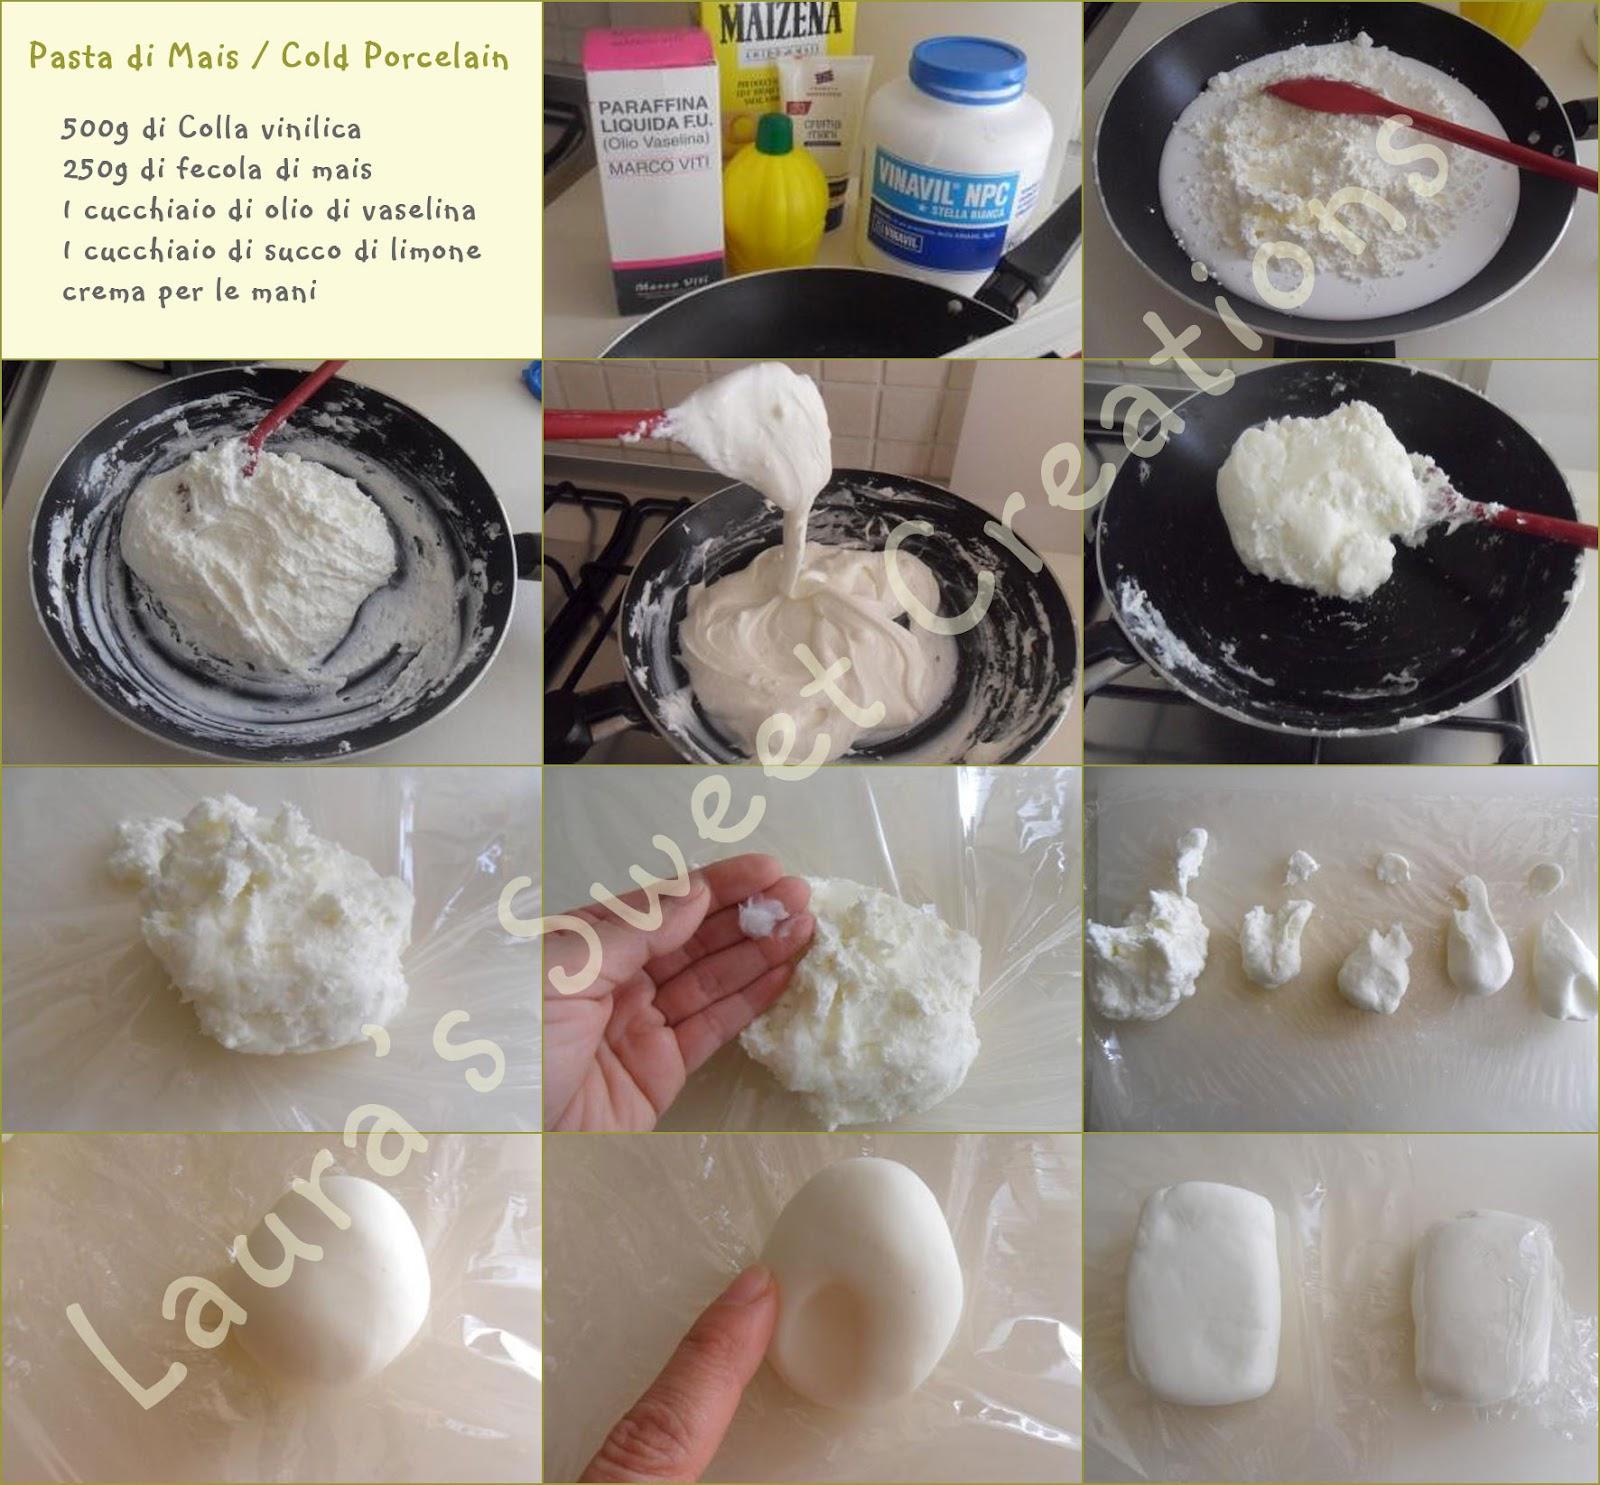 http://3.bp.blogspot.com/-XPYmgJqaXDY/T2xXQ_XuBTI/AAAAAAAAA-A/MHBNsUjy9N0/s1600/Tavola-pasta-di-mais-ricetta.jpg